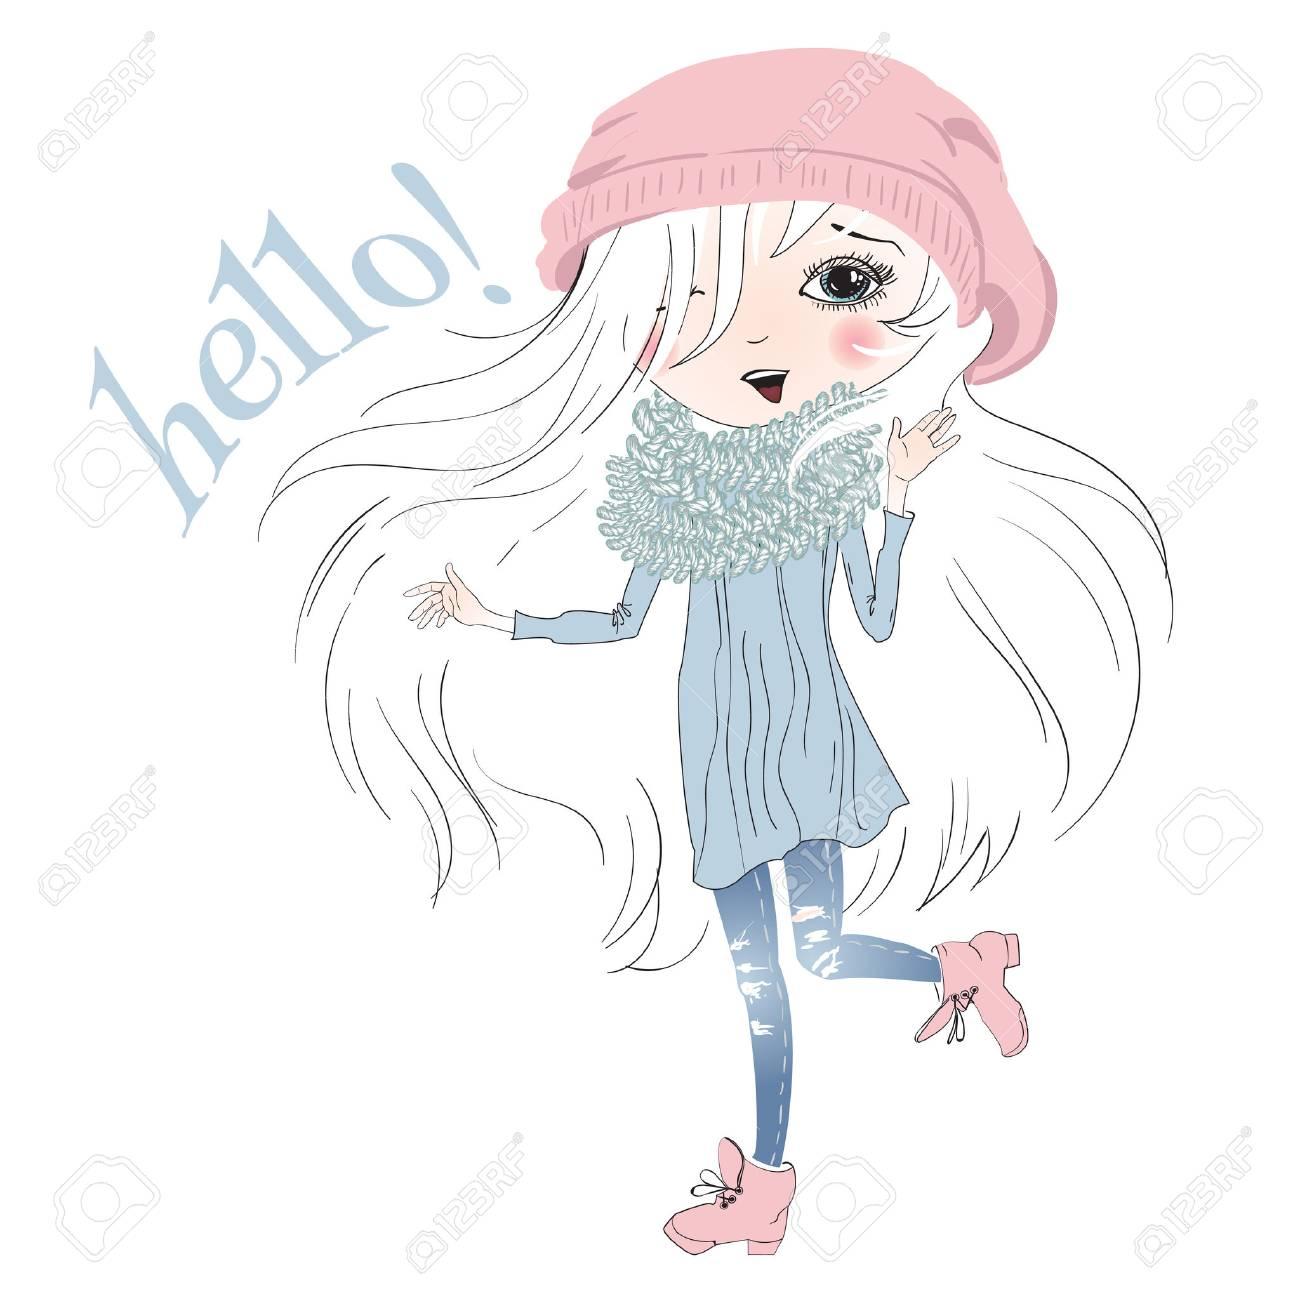 白で隔離かわいい女の子のイラスト 漫画スケッチ スタイル女の子美しい白髪と言うこんにちは T シャツ プリントに最適のイラスト素材 ベクタ Image